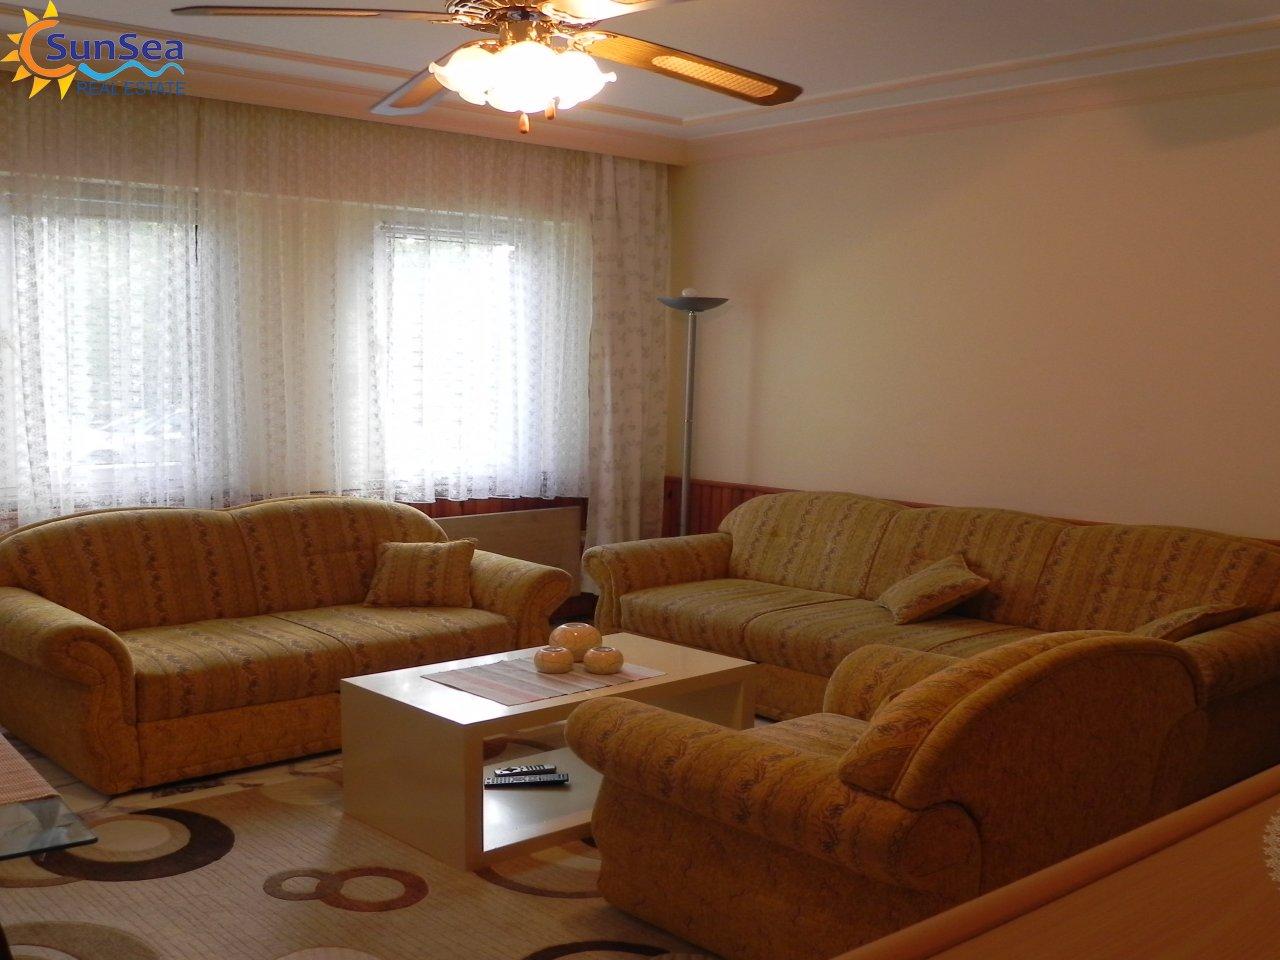 alanya denizkent livingroom